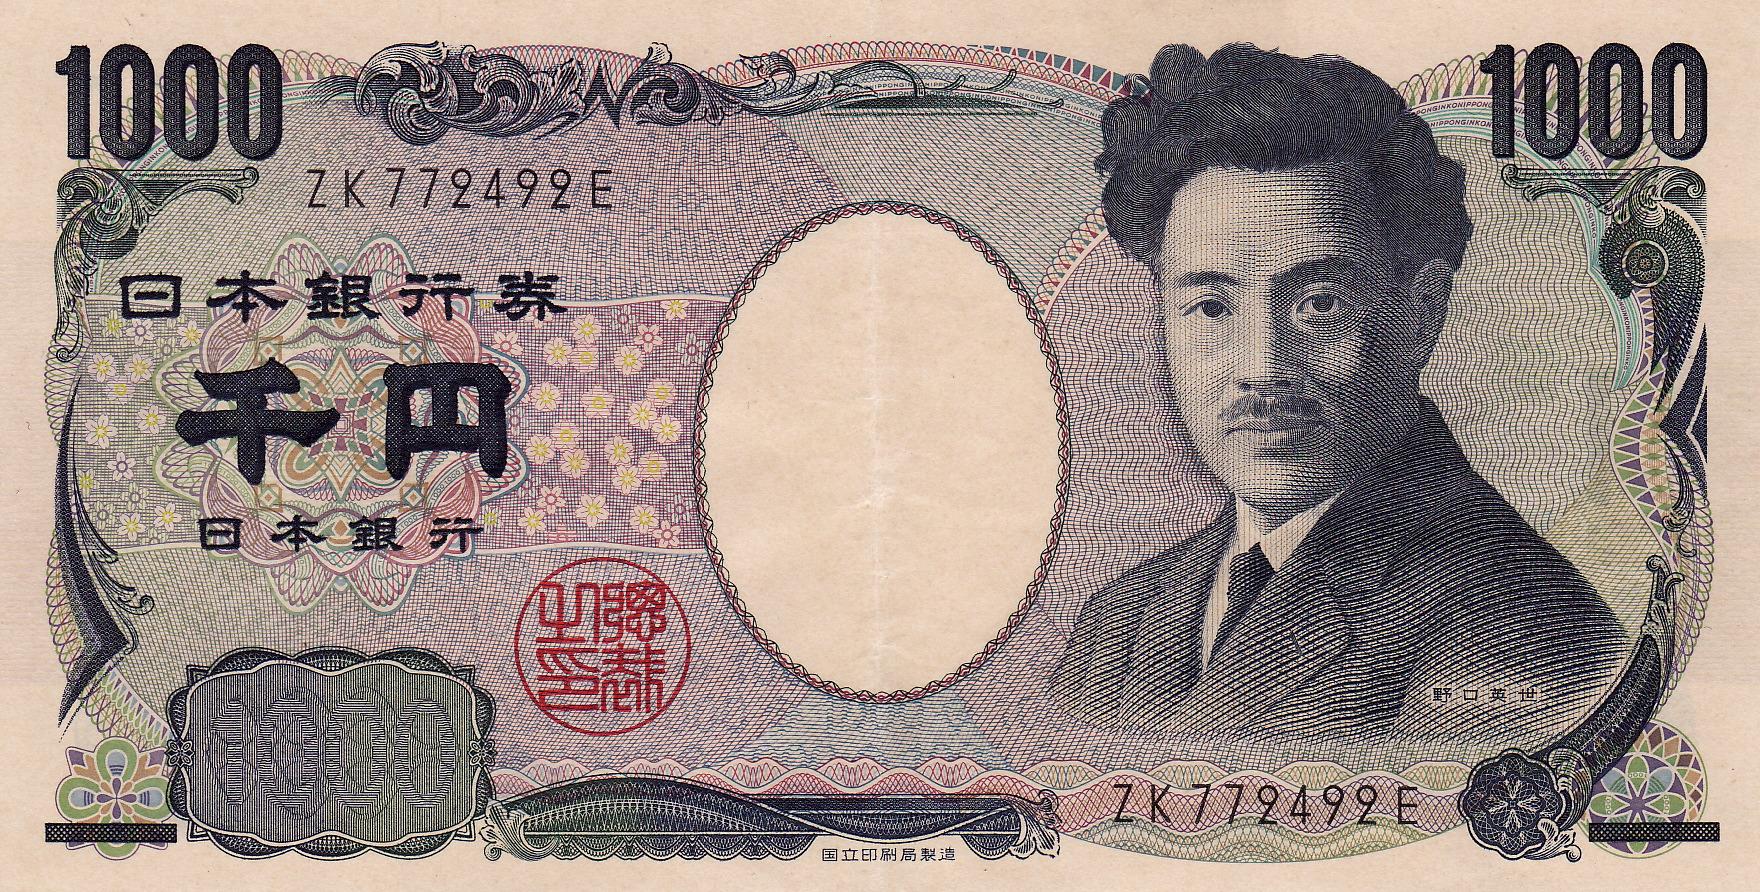 夏目漱石千元紙幣現在可使用嗎?   Yahoo奇摩知識+